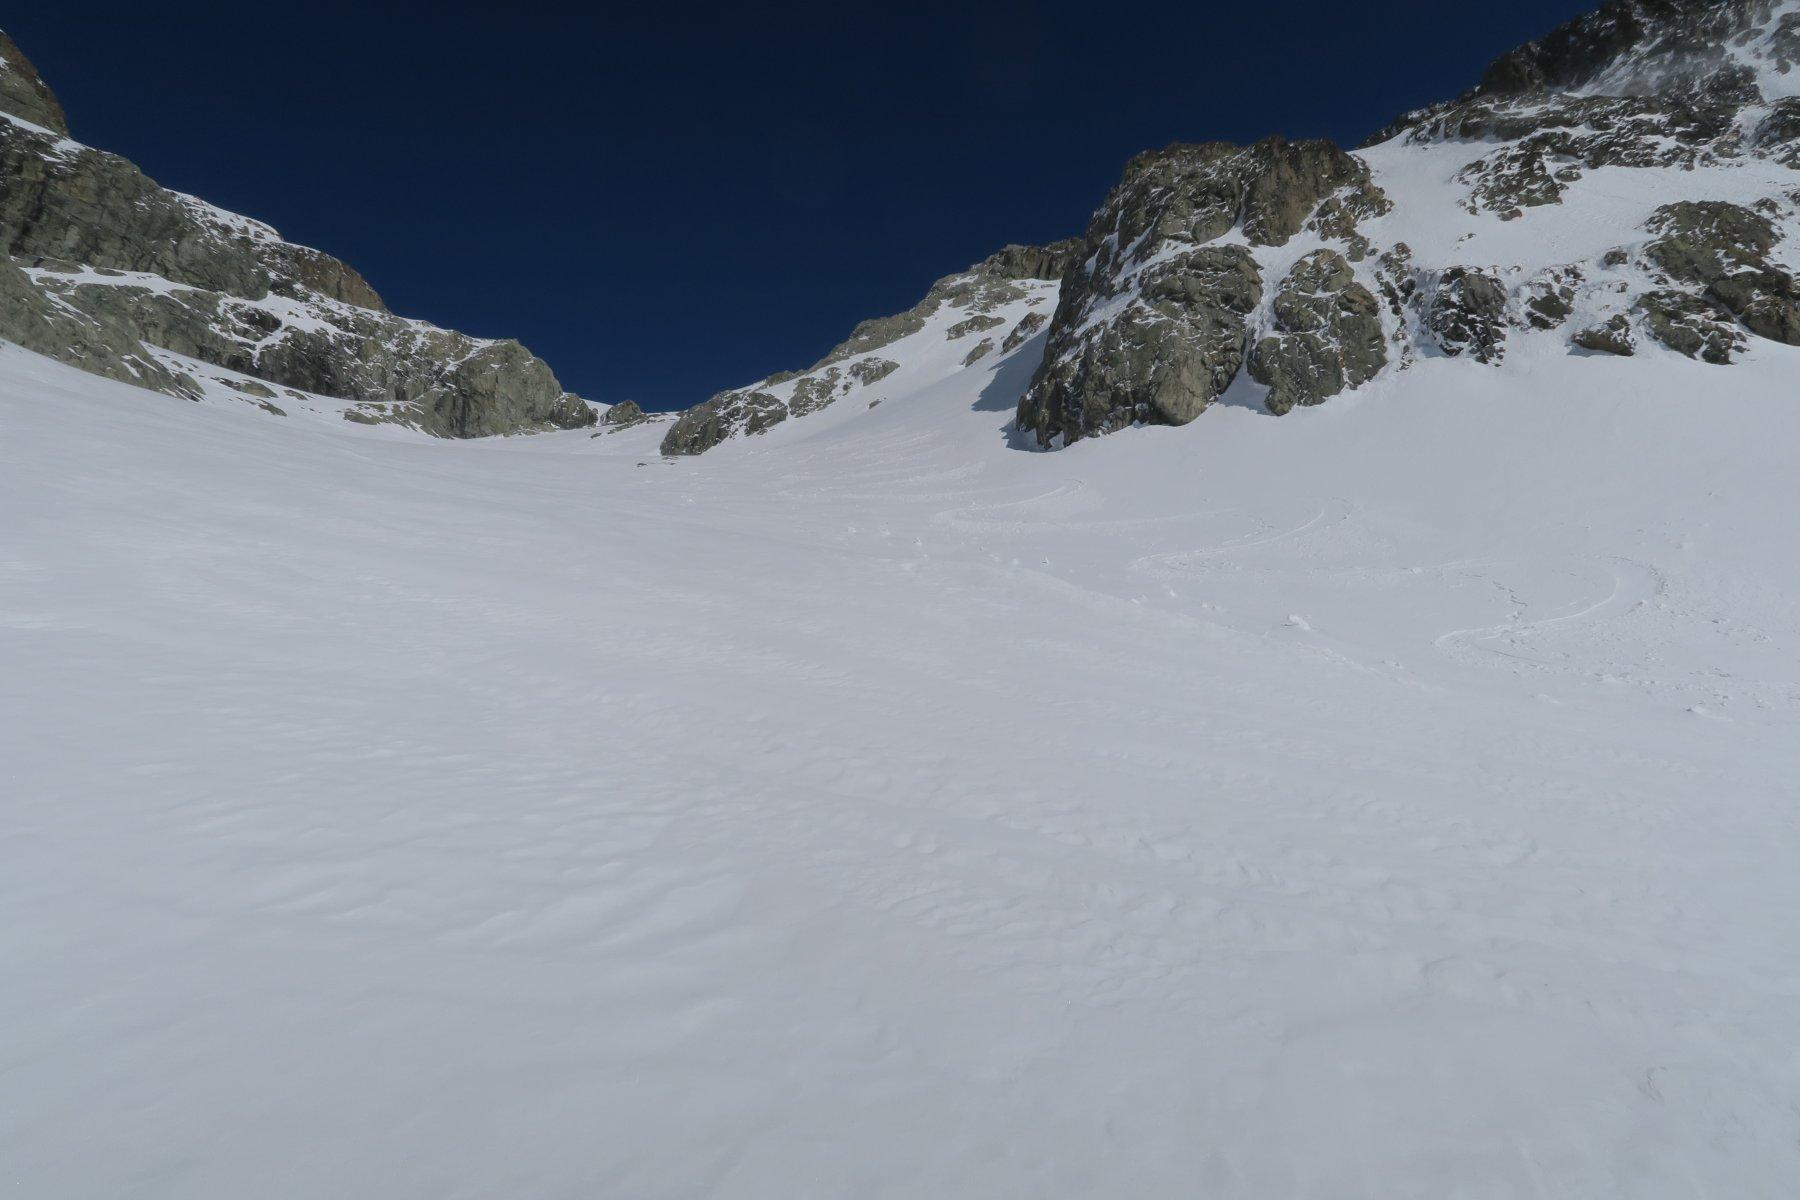 nel canale sotto il ghiacciaio neve discreta rimanendo nelle zone più in ombra